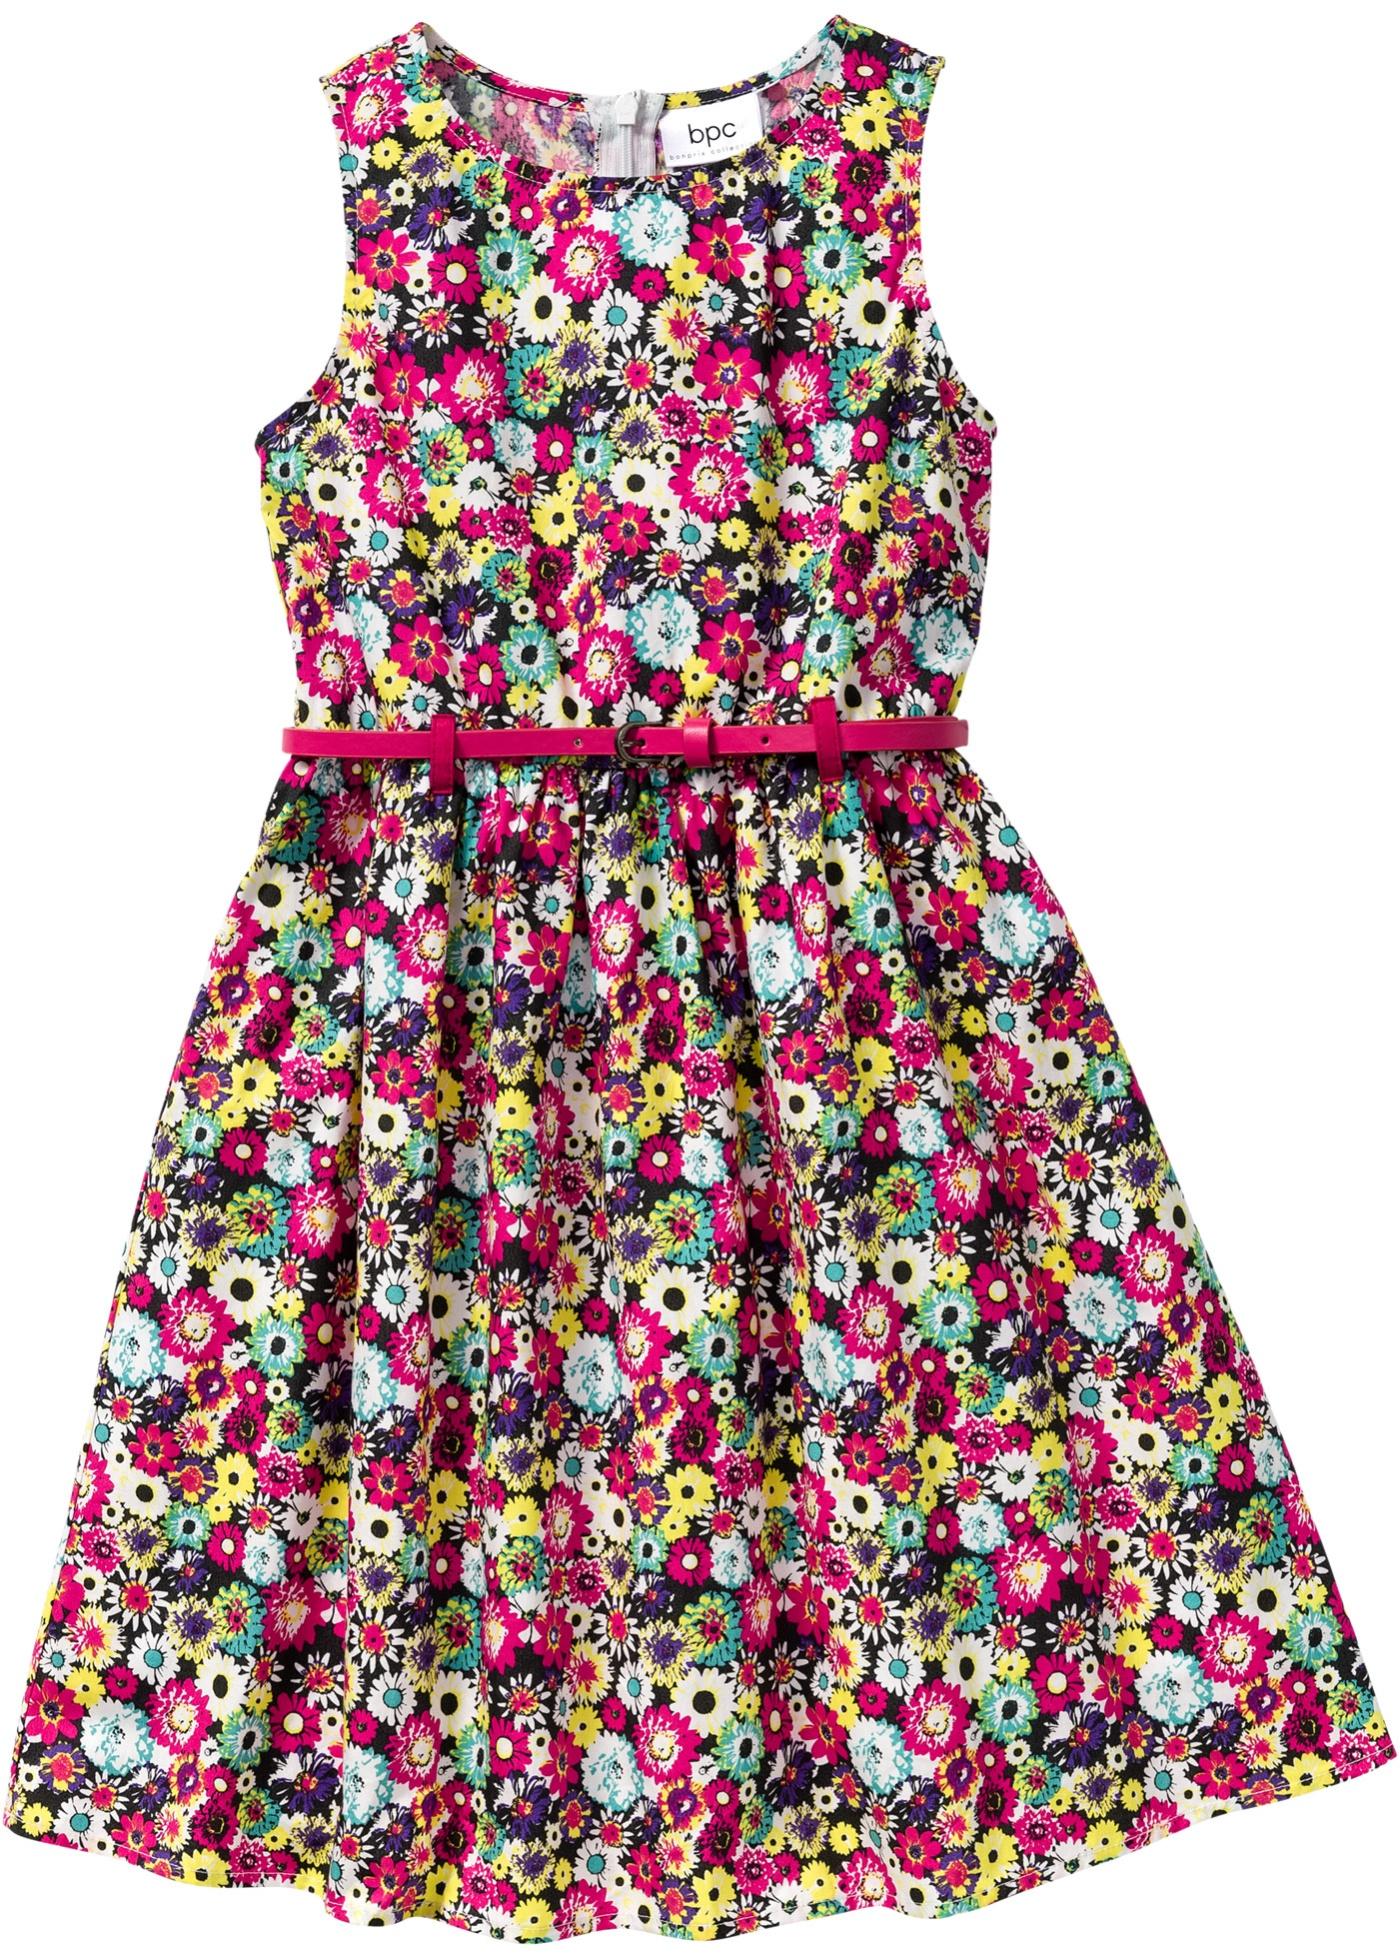 Blommig klänning med skärp, strl. 116-170